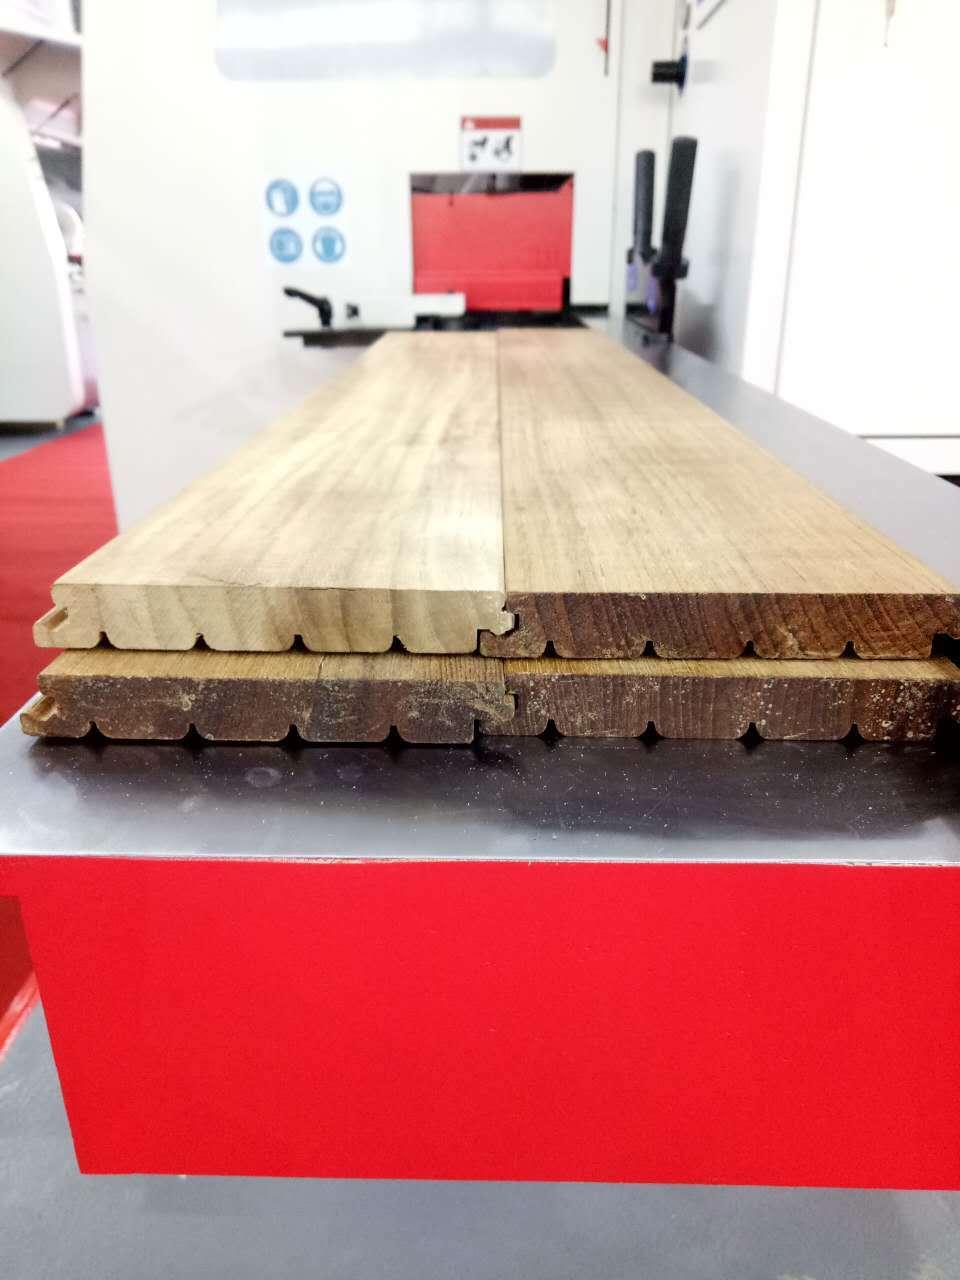 V-HOLD 4-Side Moulder VH-M721(Solid wood floor click joint)